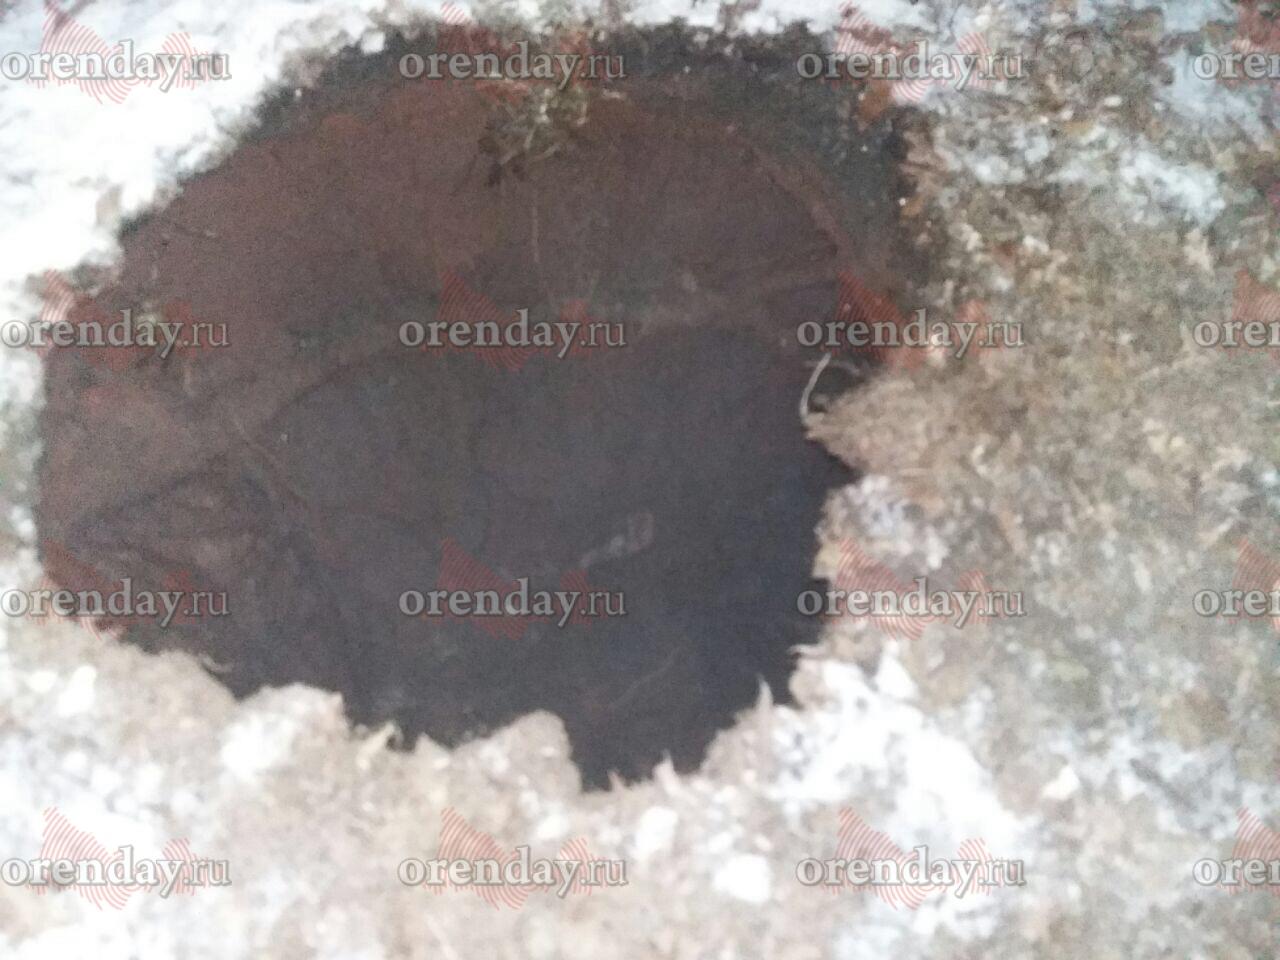 ВОренбурге удома 15 поулице Джангильдина устраняют прорыв холодного водоснабжения